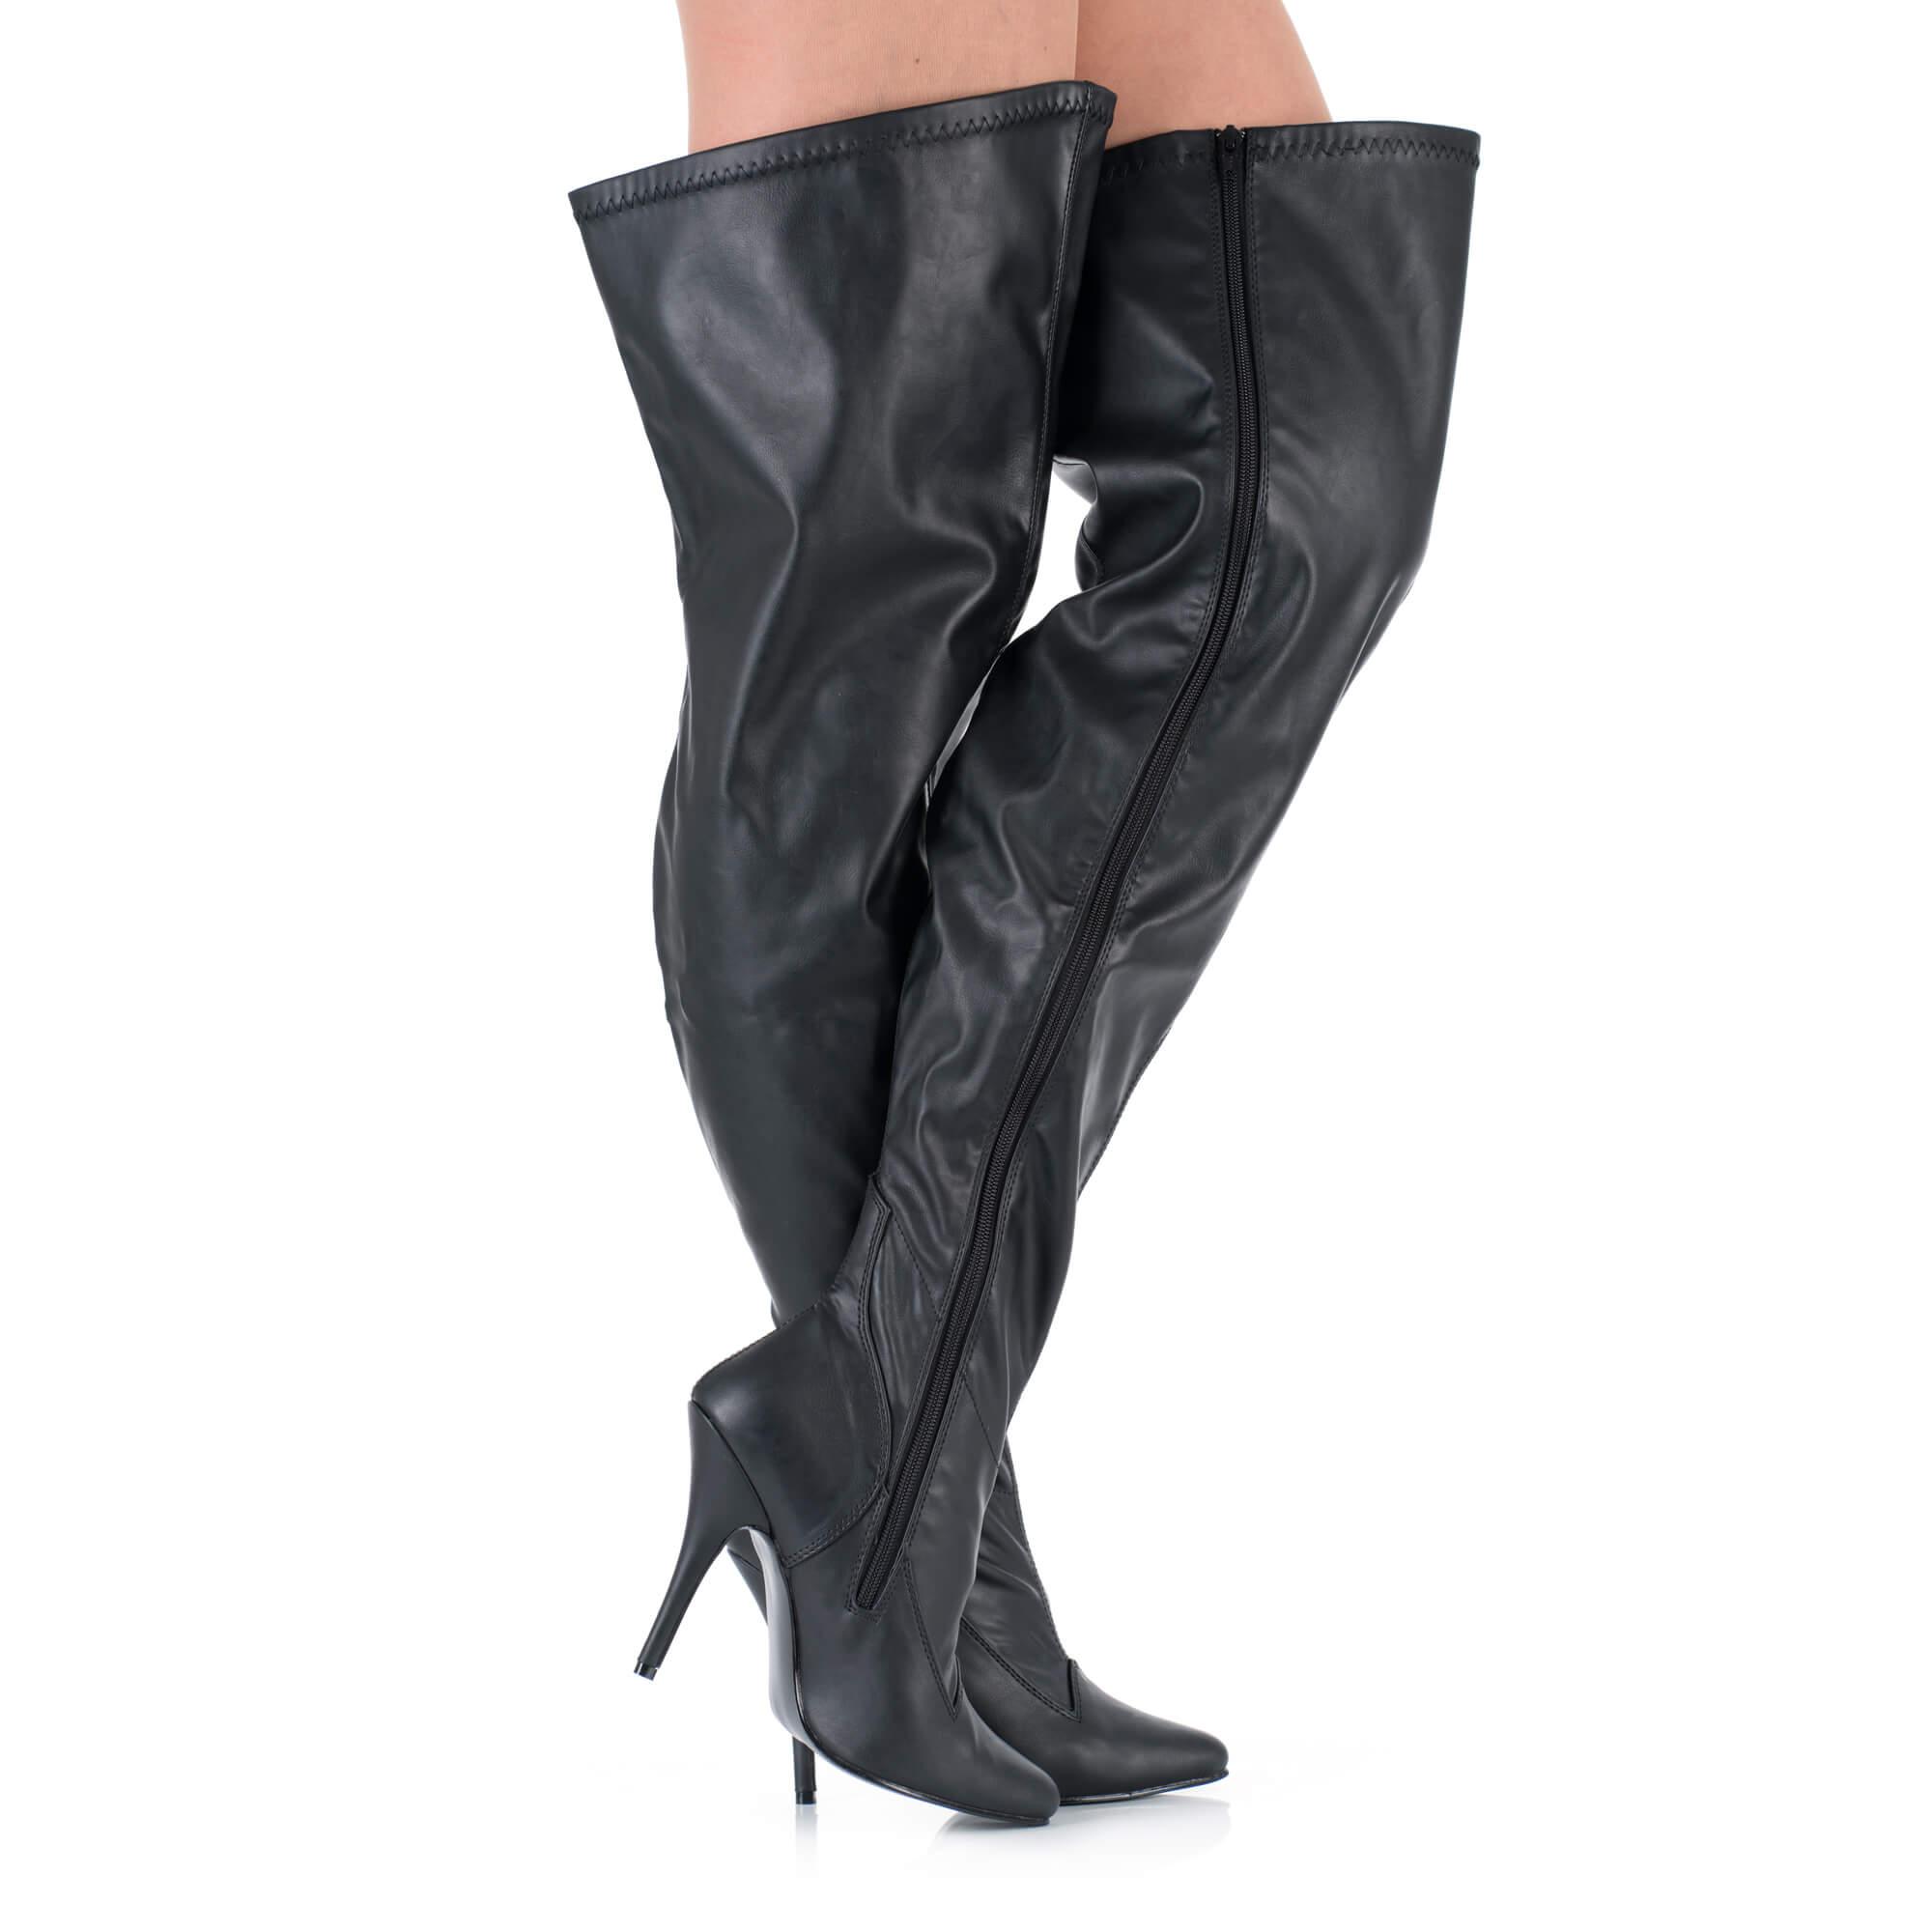 Overknee Stiefel mit extra weitem Schaft | high feelings